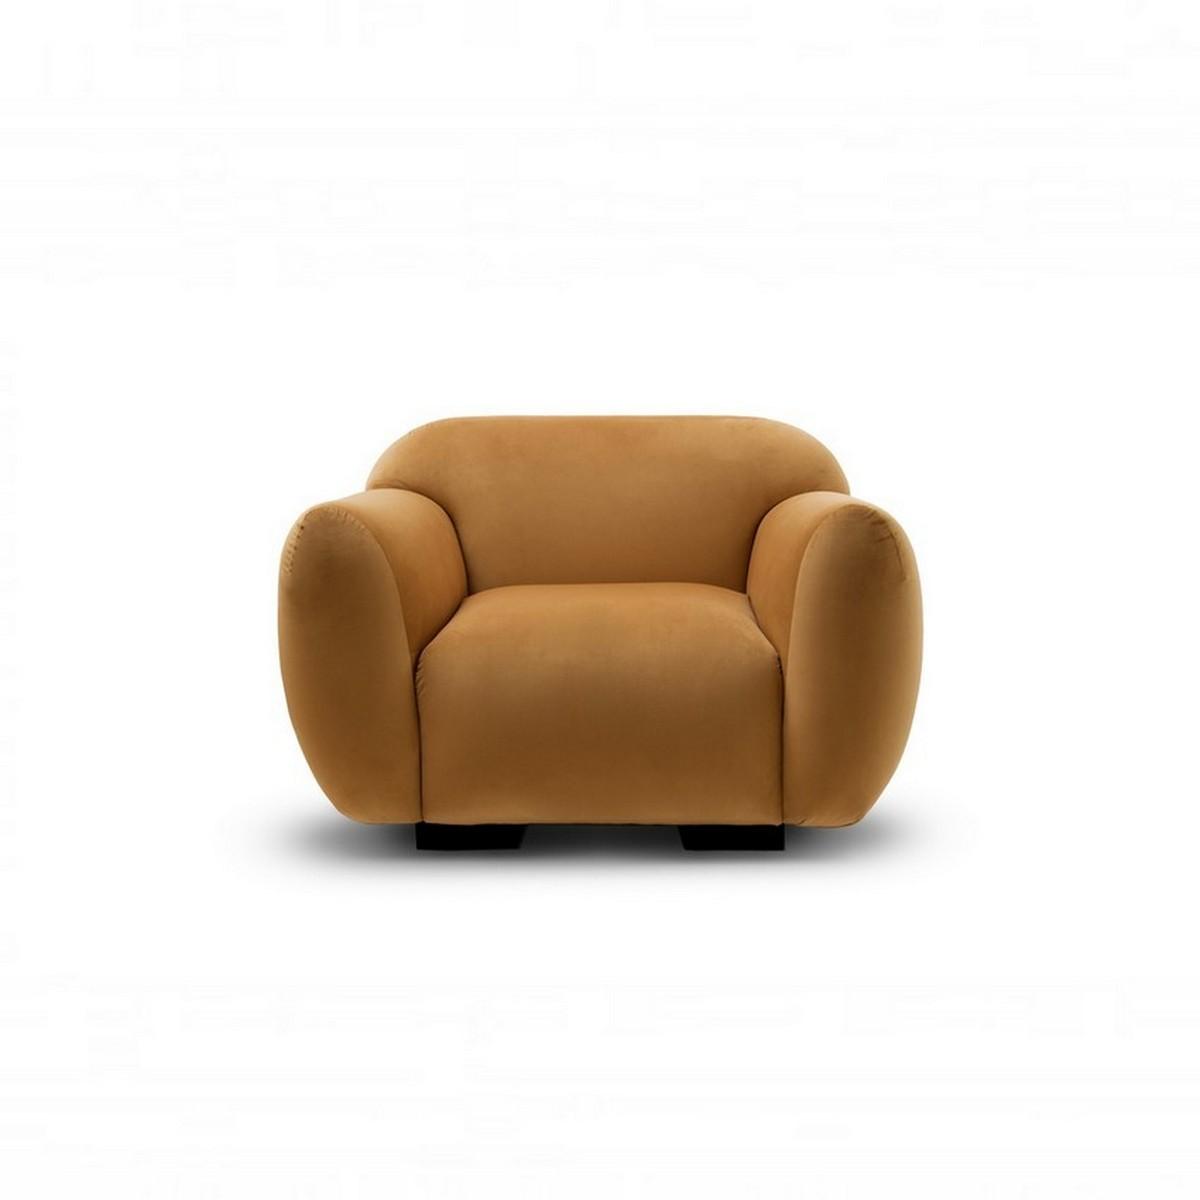 Ideas de Navidad elegantes para 2020 ideas de navidad Ideas de Navidad elegantes para 2020 otter single sofa brabbu 01